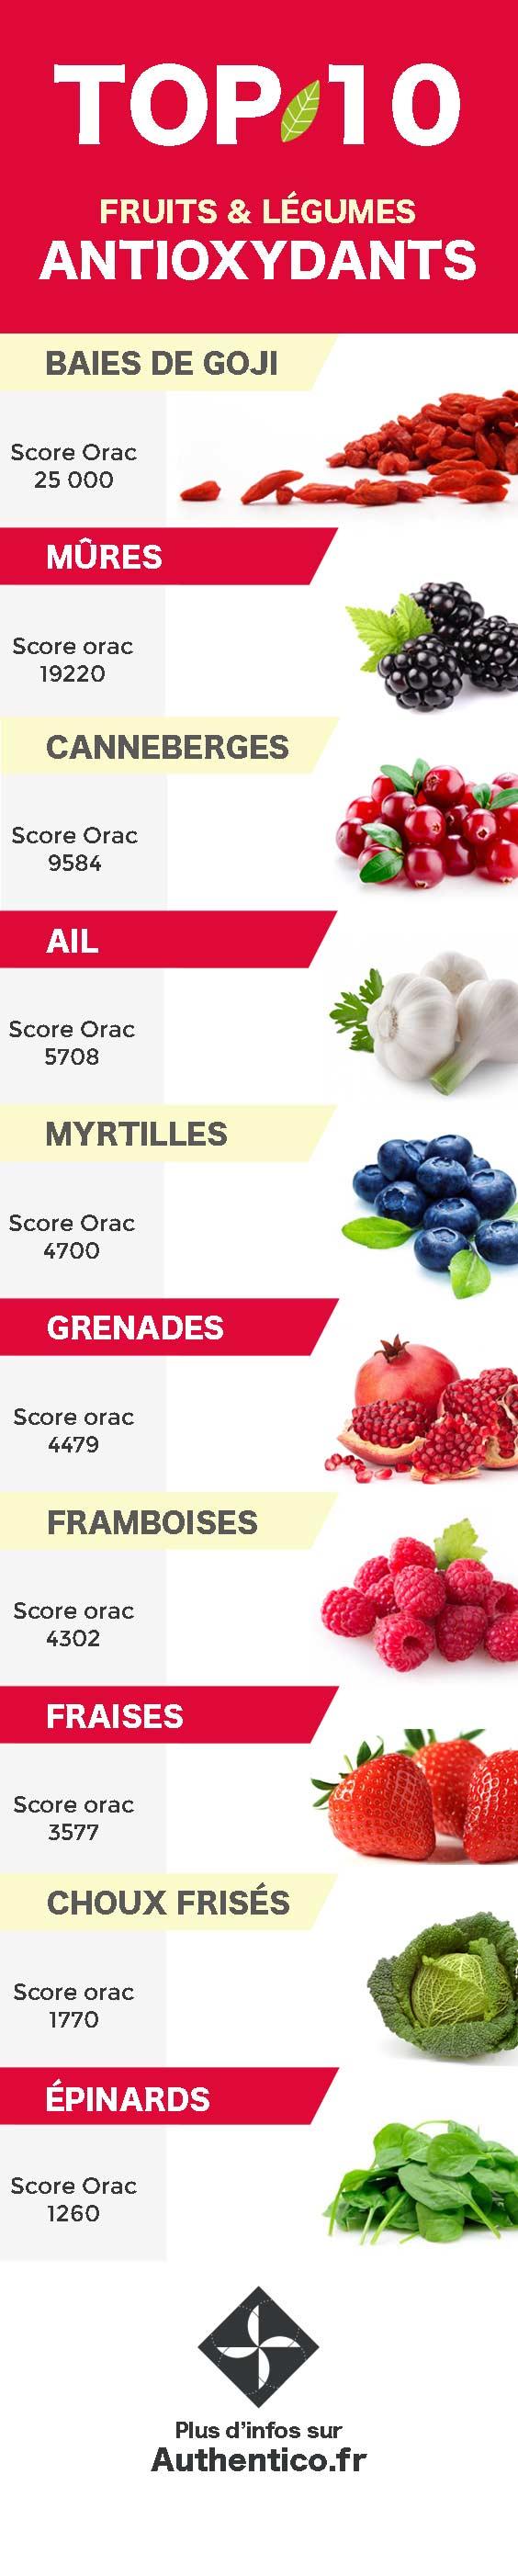 Liste des antioxydants naturels